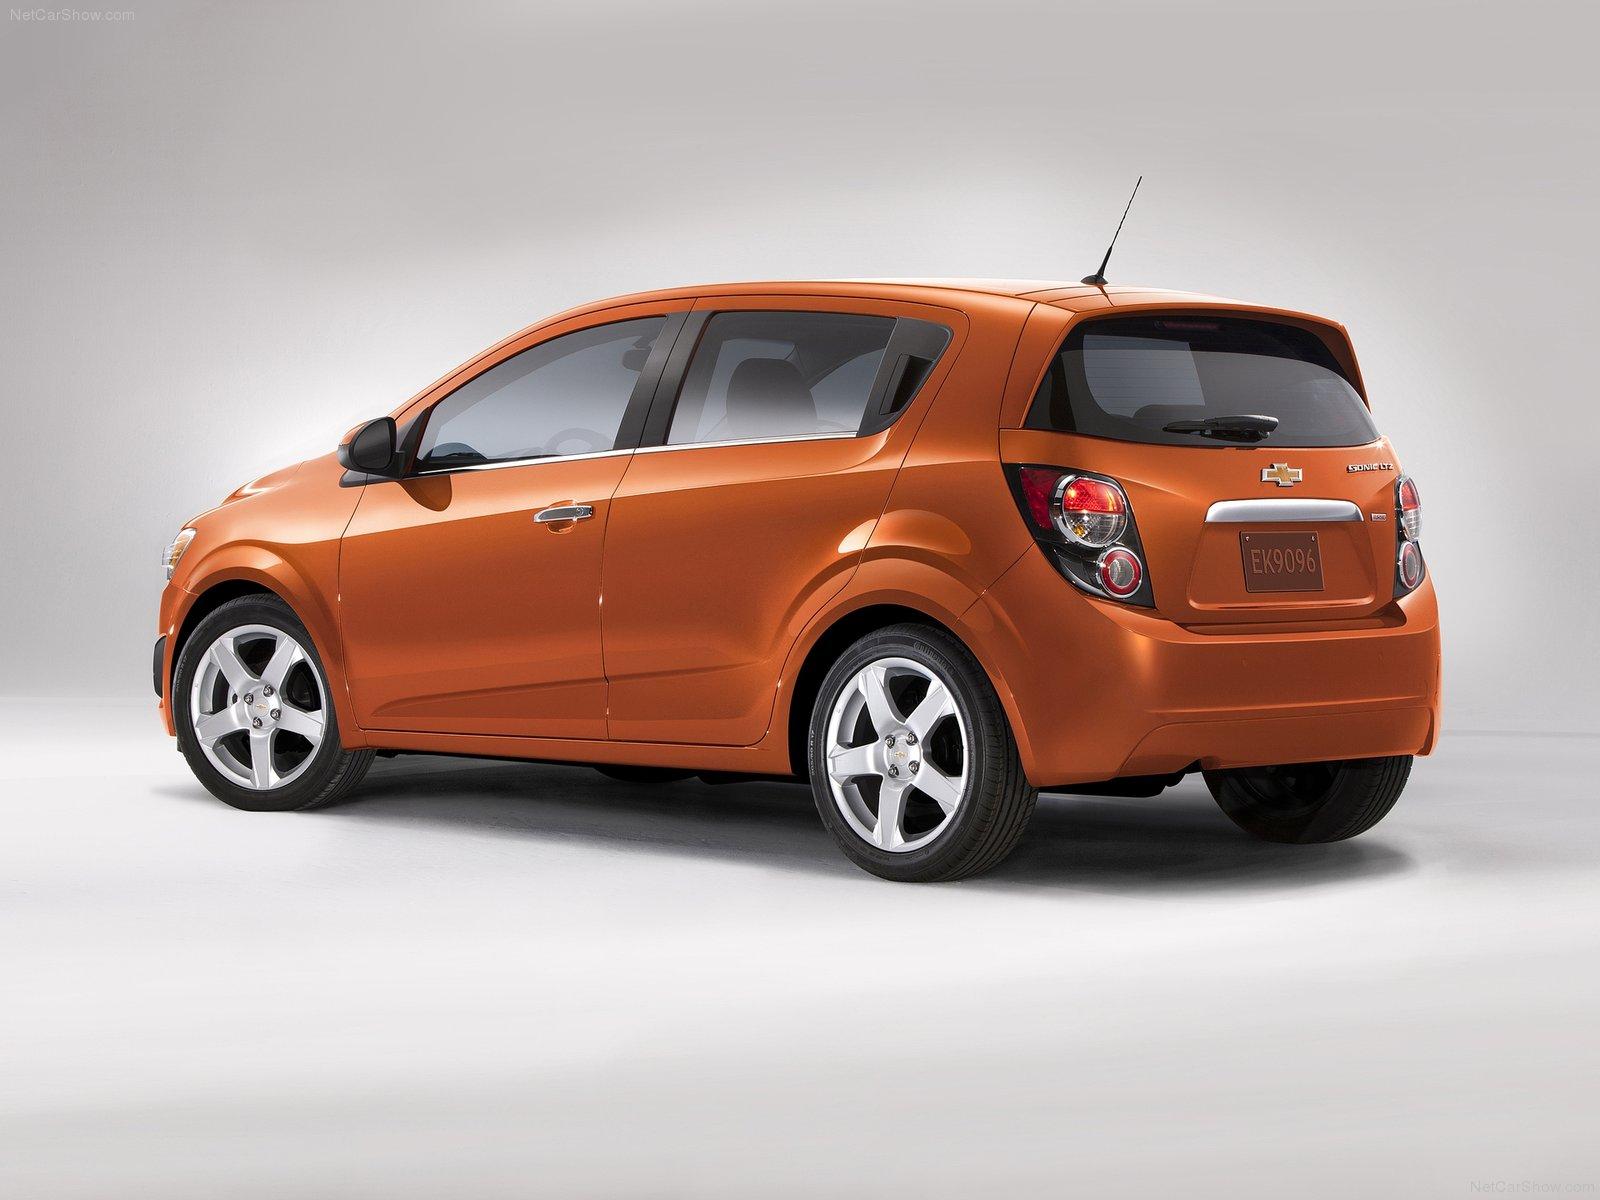 Chevrolet Precios 2013 O 2014 | Autos Post